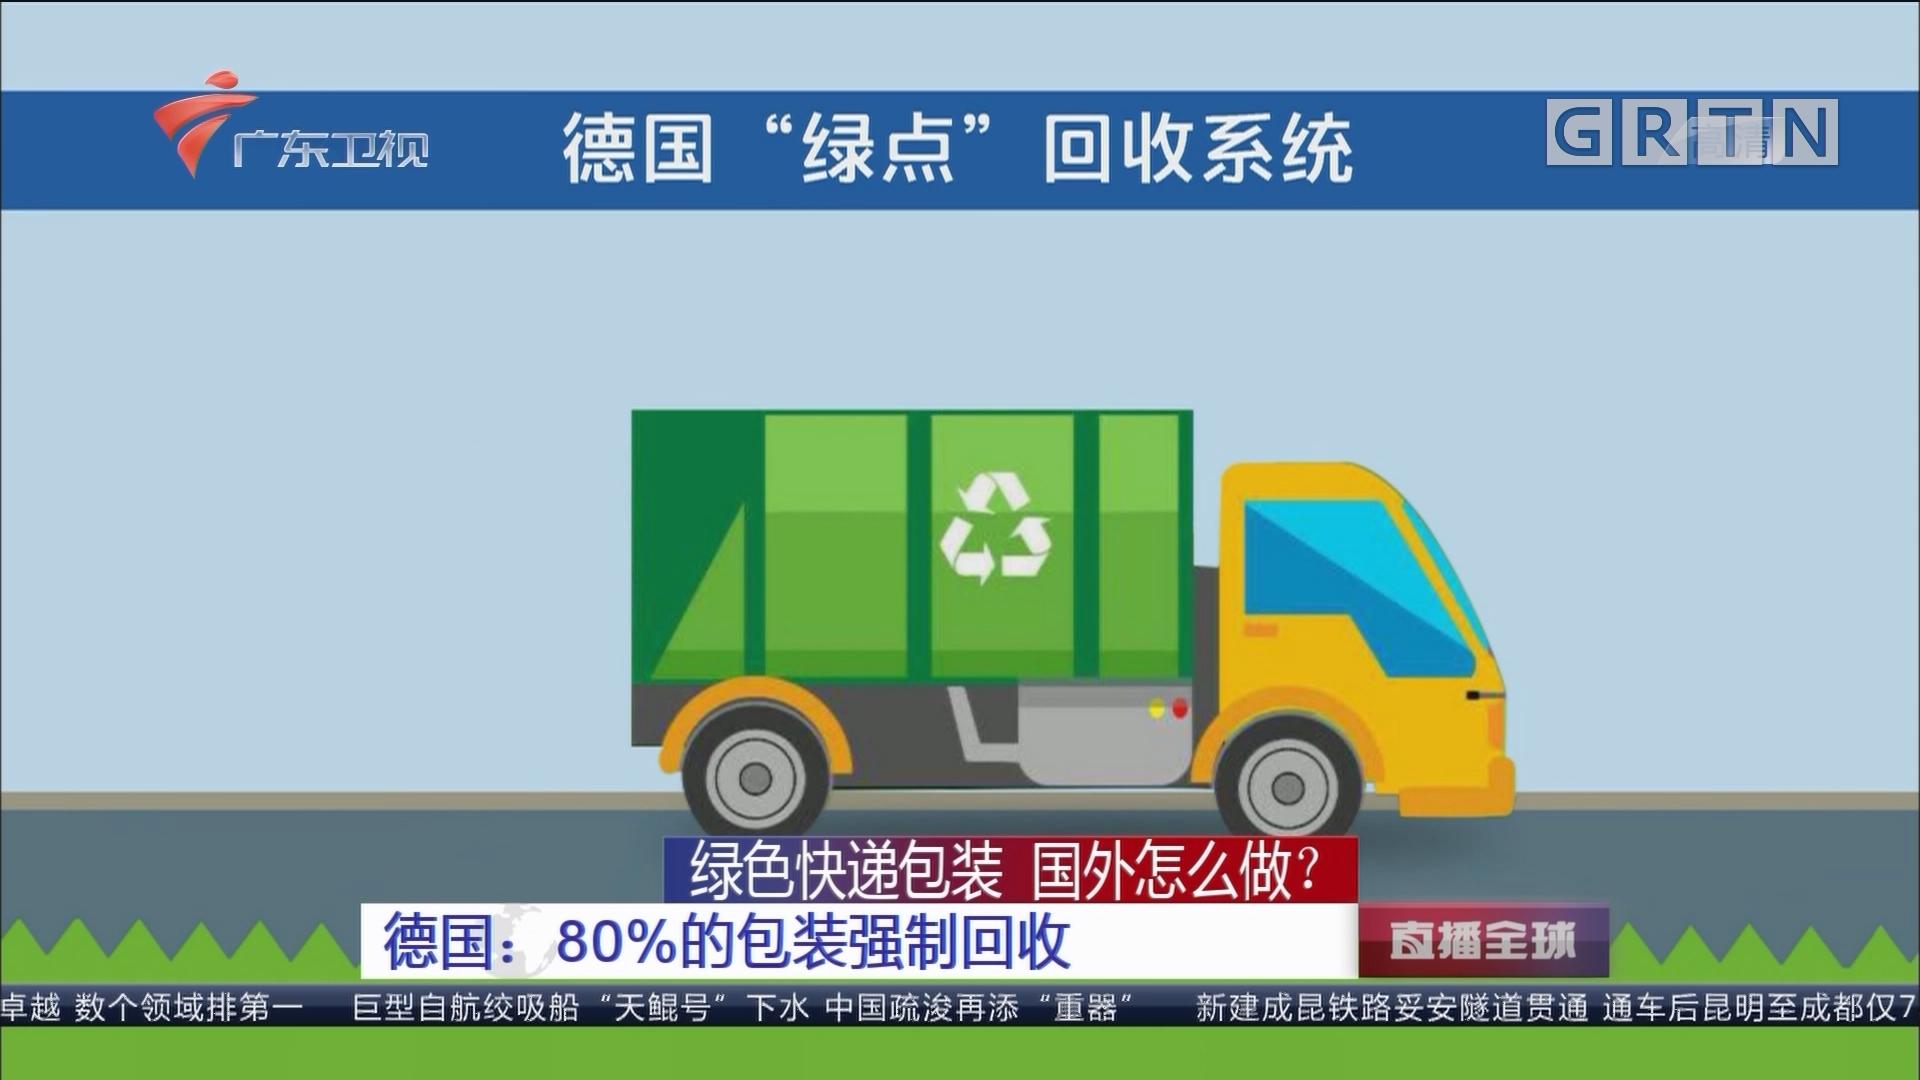 绿色快递包装 国外怎么做? 德国:80%的包装强制回收